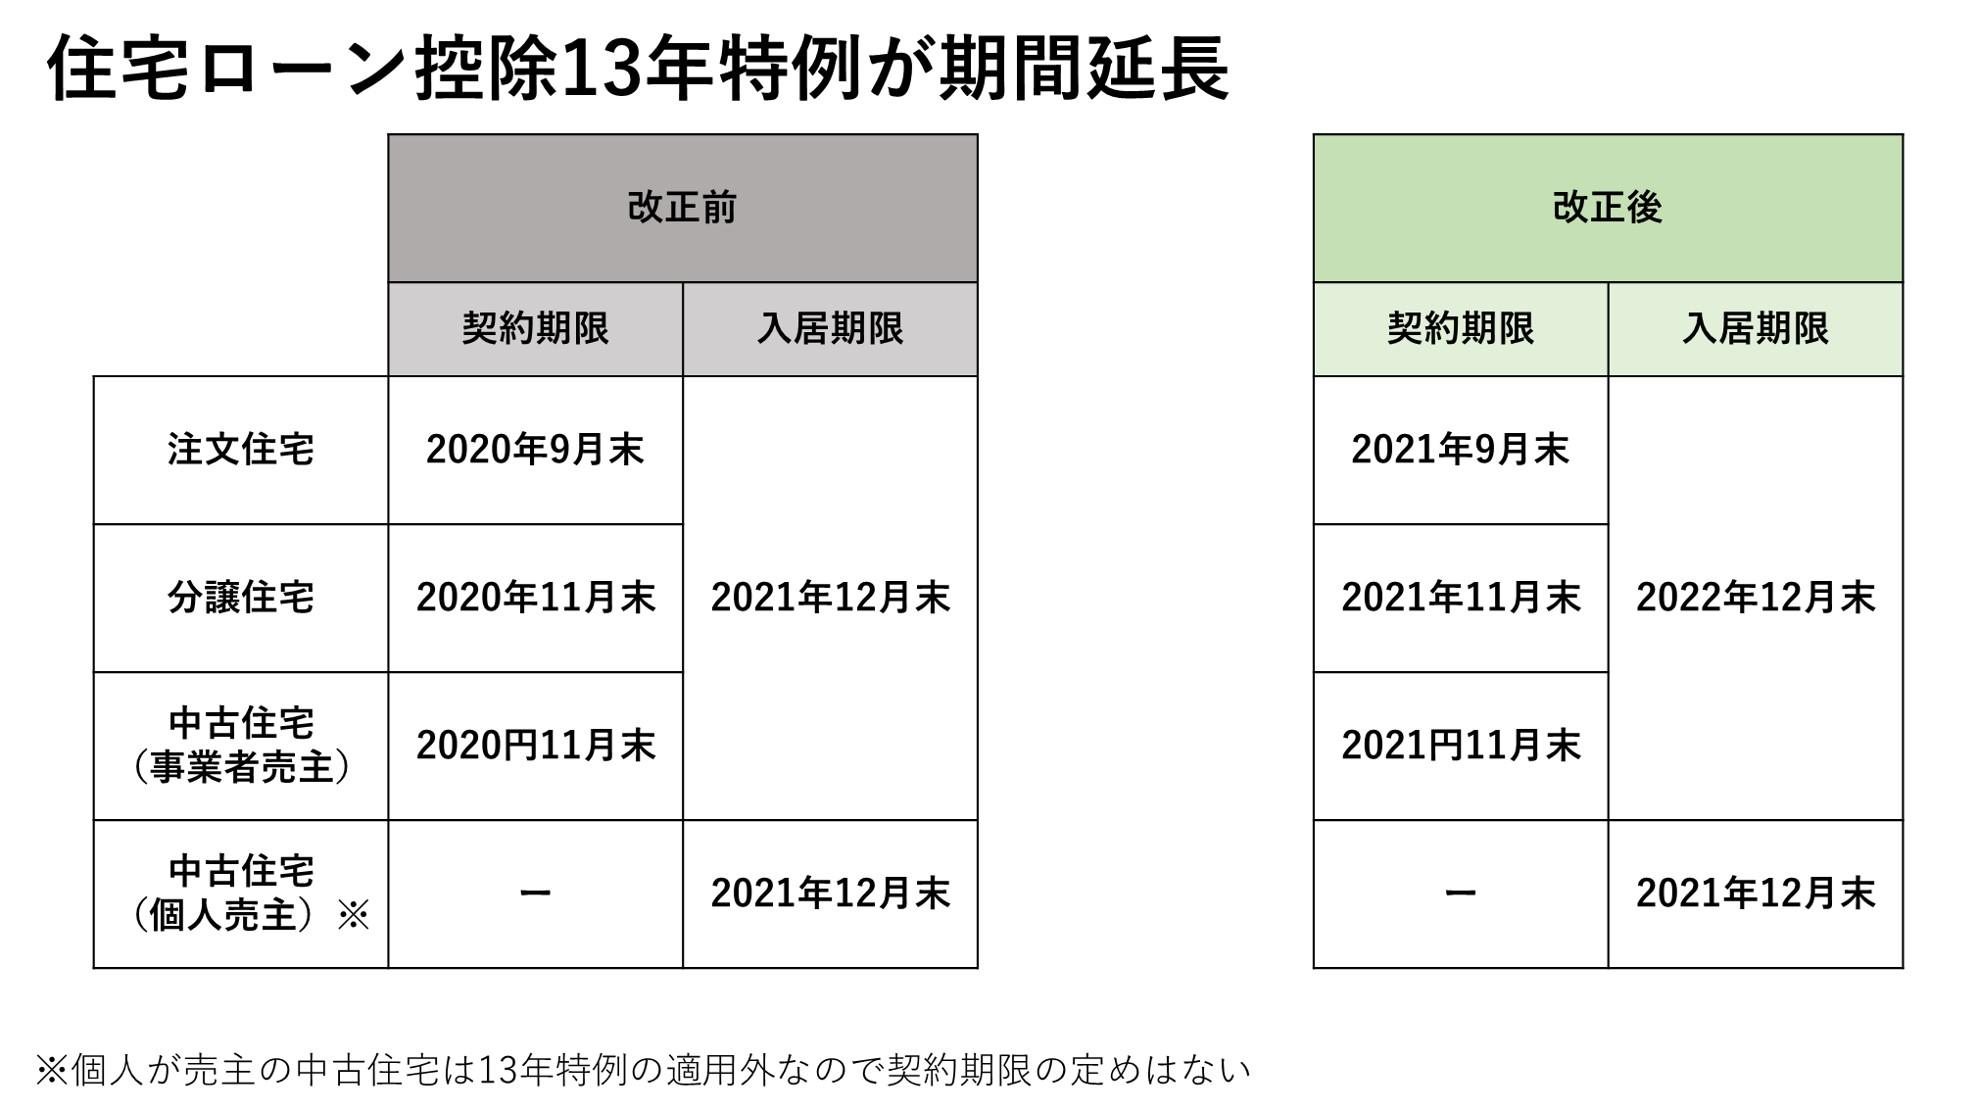 1_住宅ローン控除13年特例が期間延長